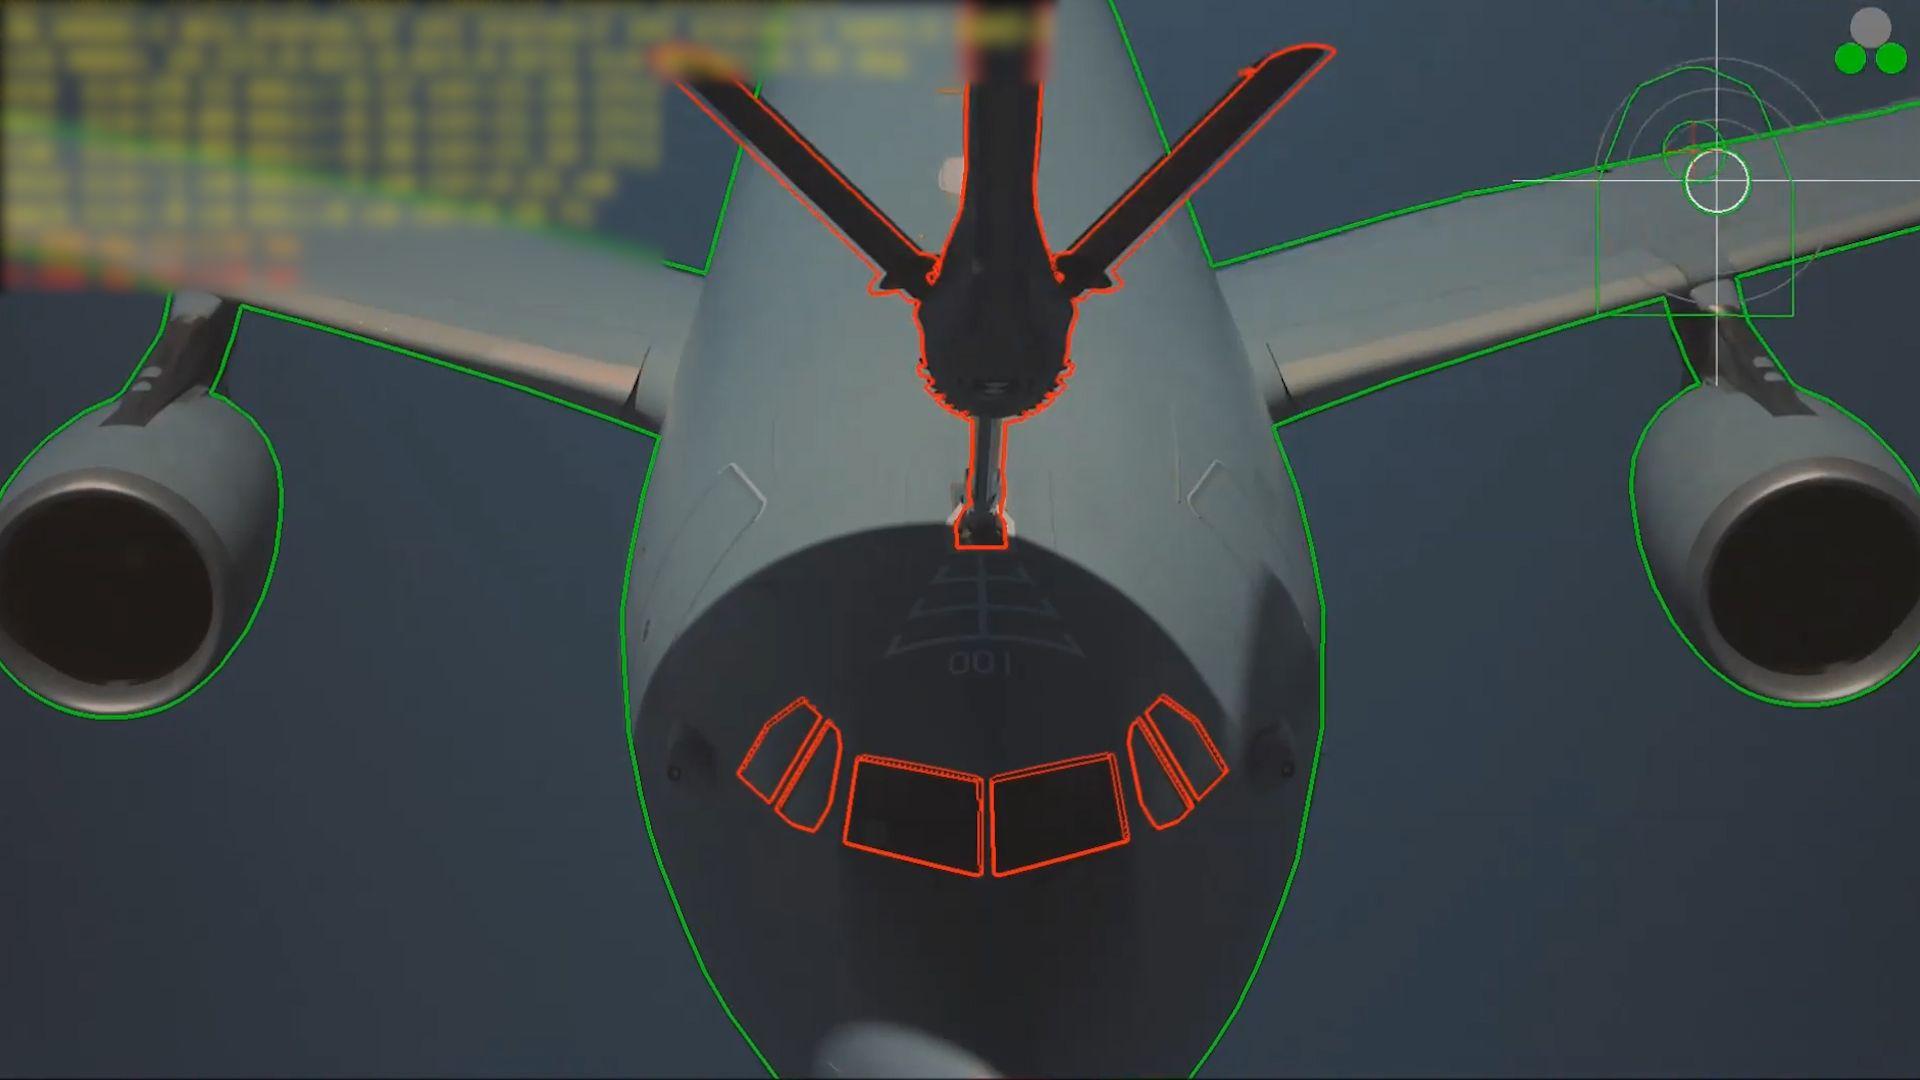 اولین سیستم سوختگیری هوایی تمام اتوماتیک